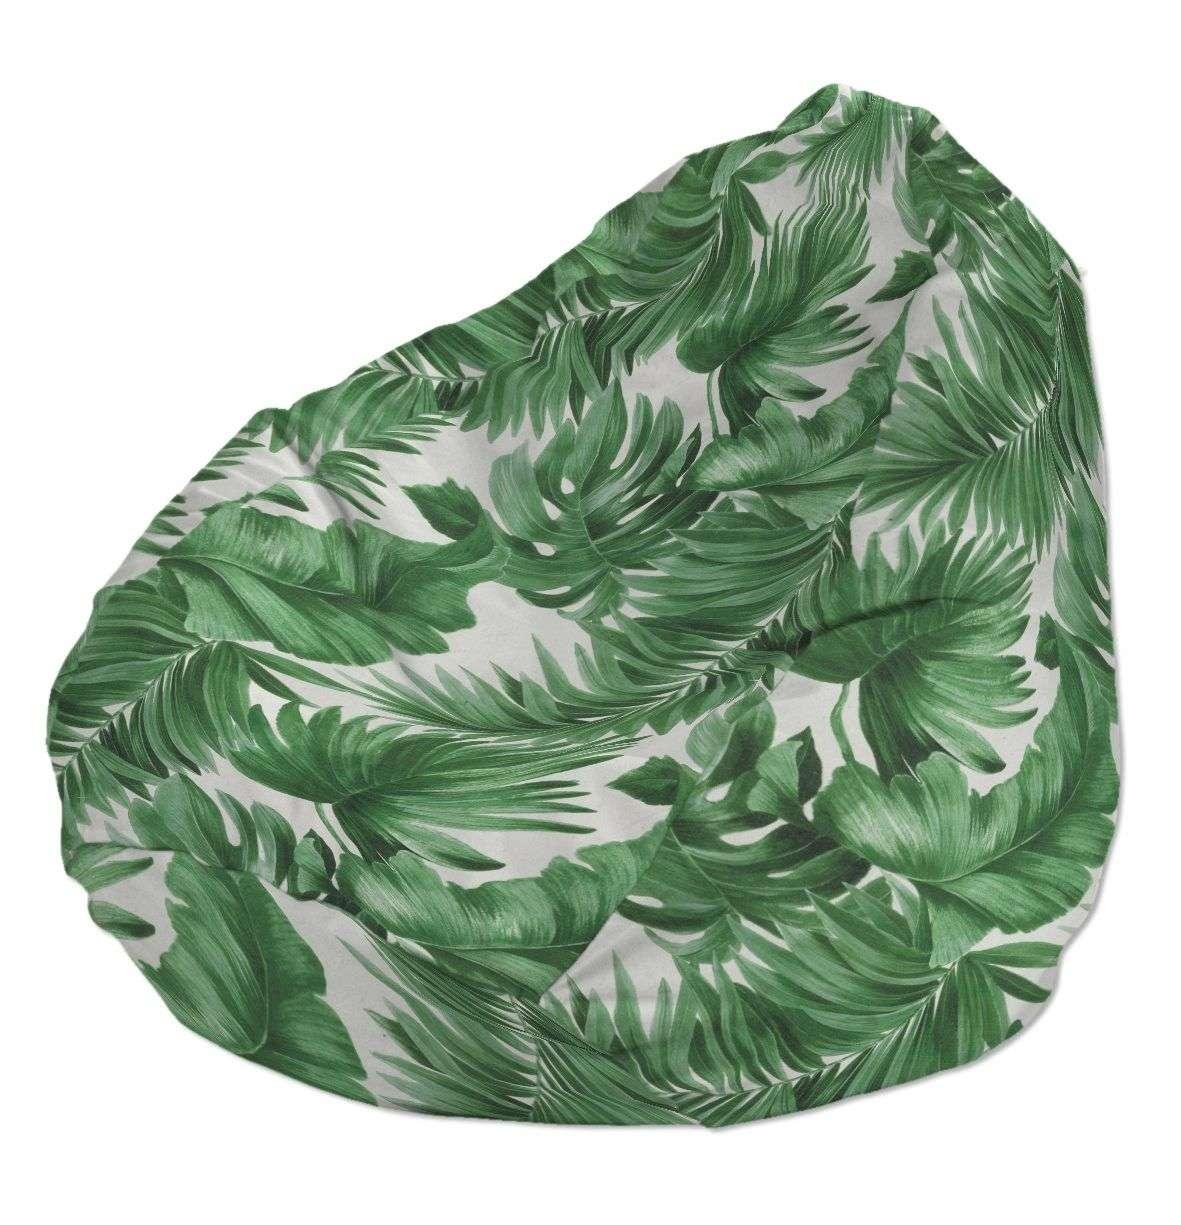 Pokrowiec na worek do siedzenia pokrowiec Ø50x85cm w kolekcji Urban Jungle, tkanina: 141-71